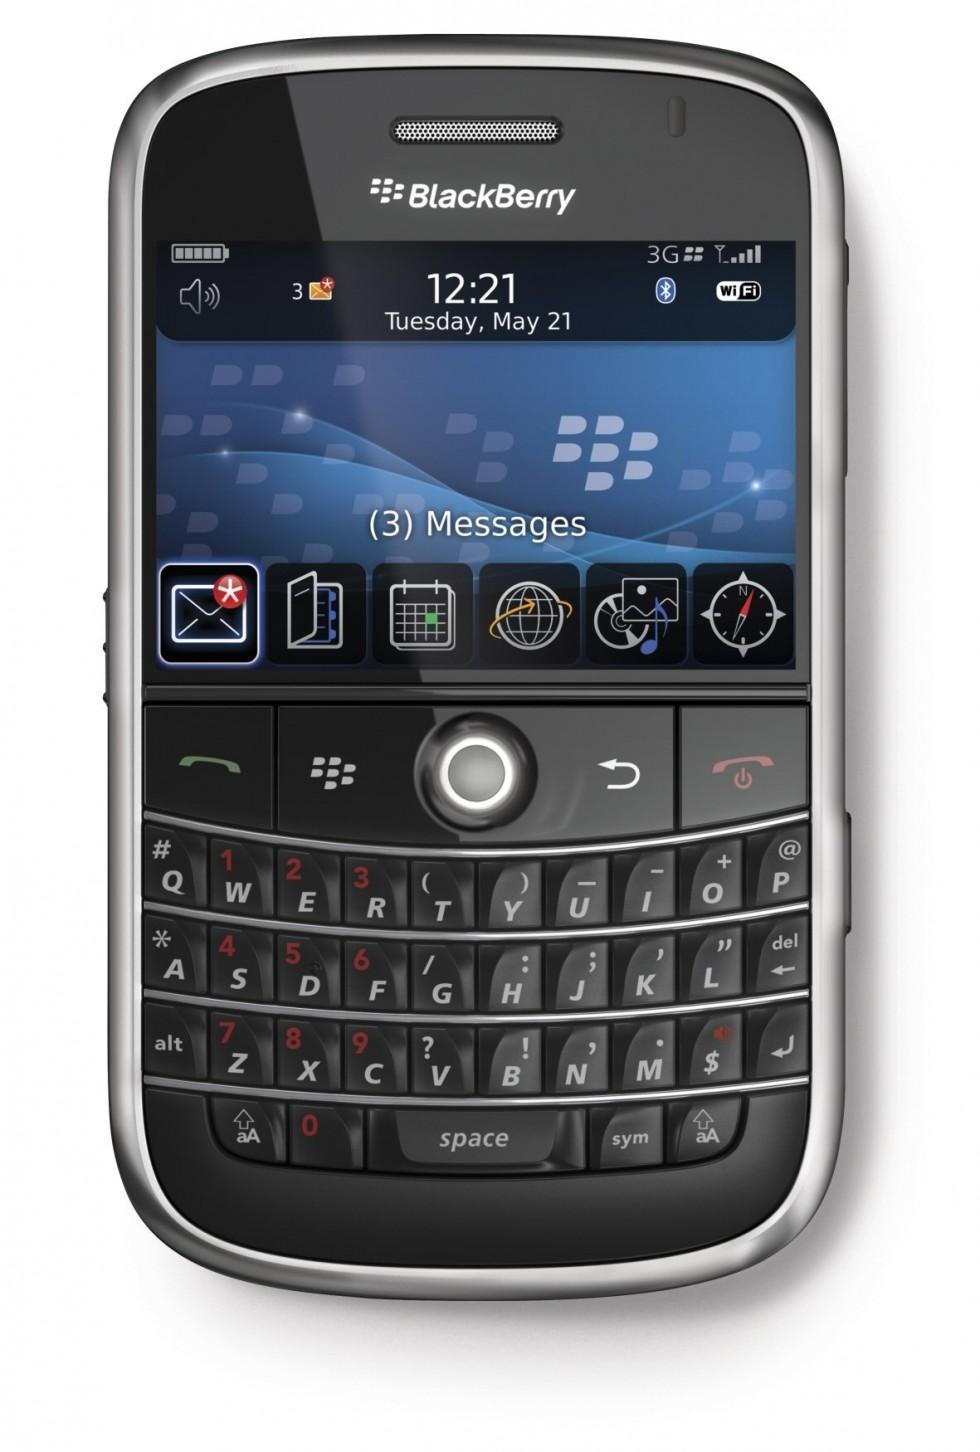 Harga Blackberry Akhir Maret sampai Awal April 2013